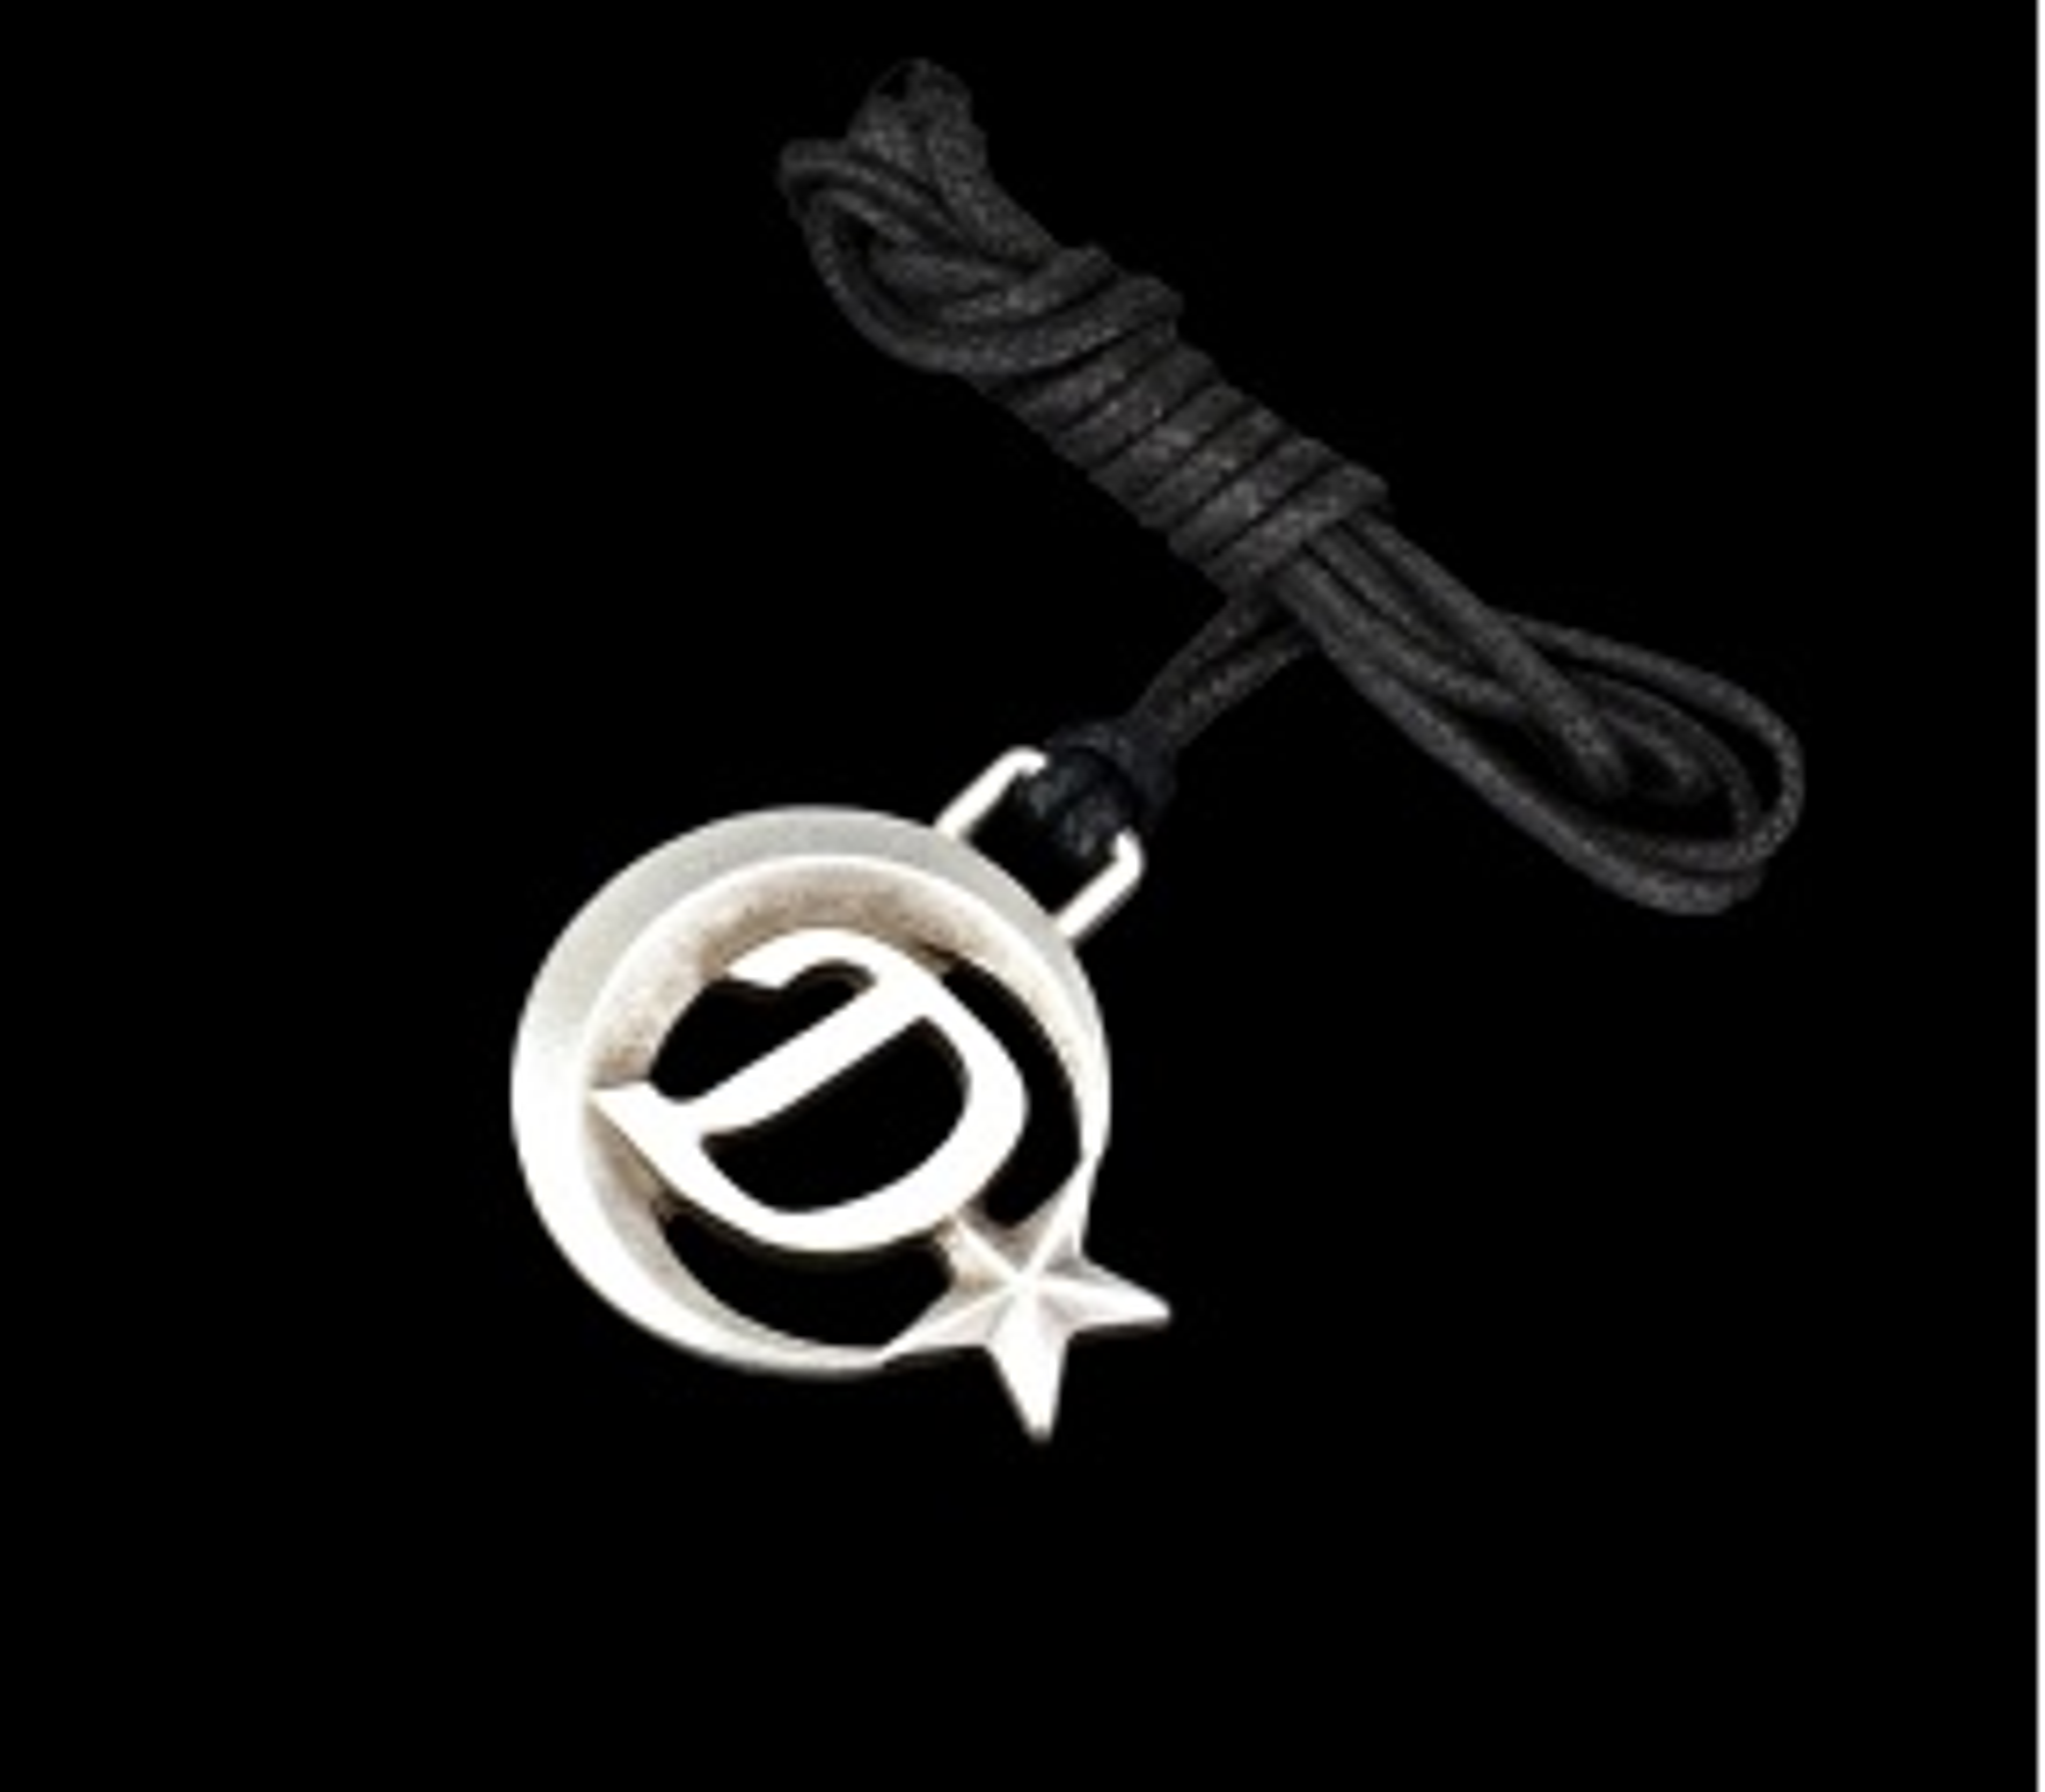 Ay Yıldızlı D Harfli Kolye - KOL0147